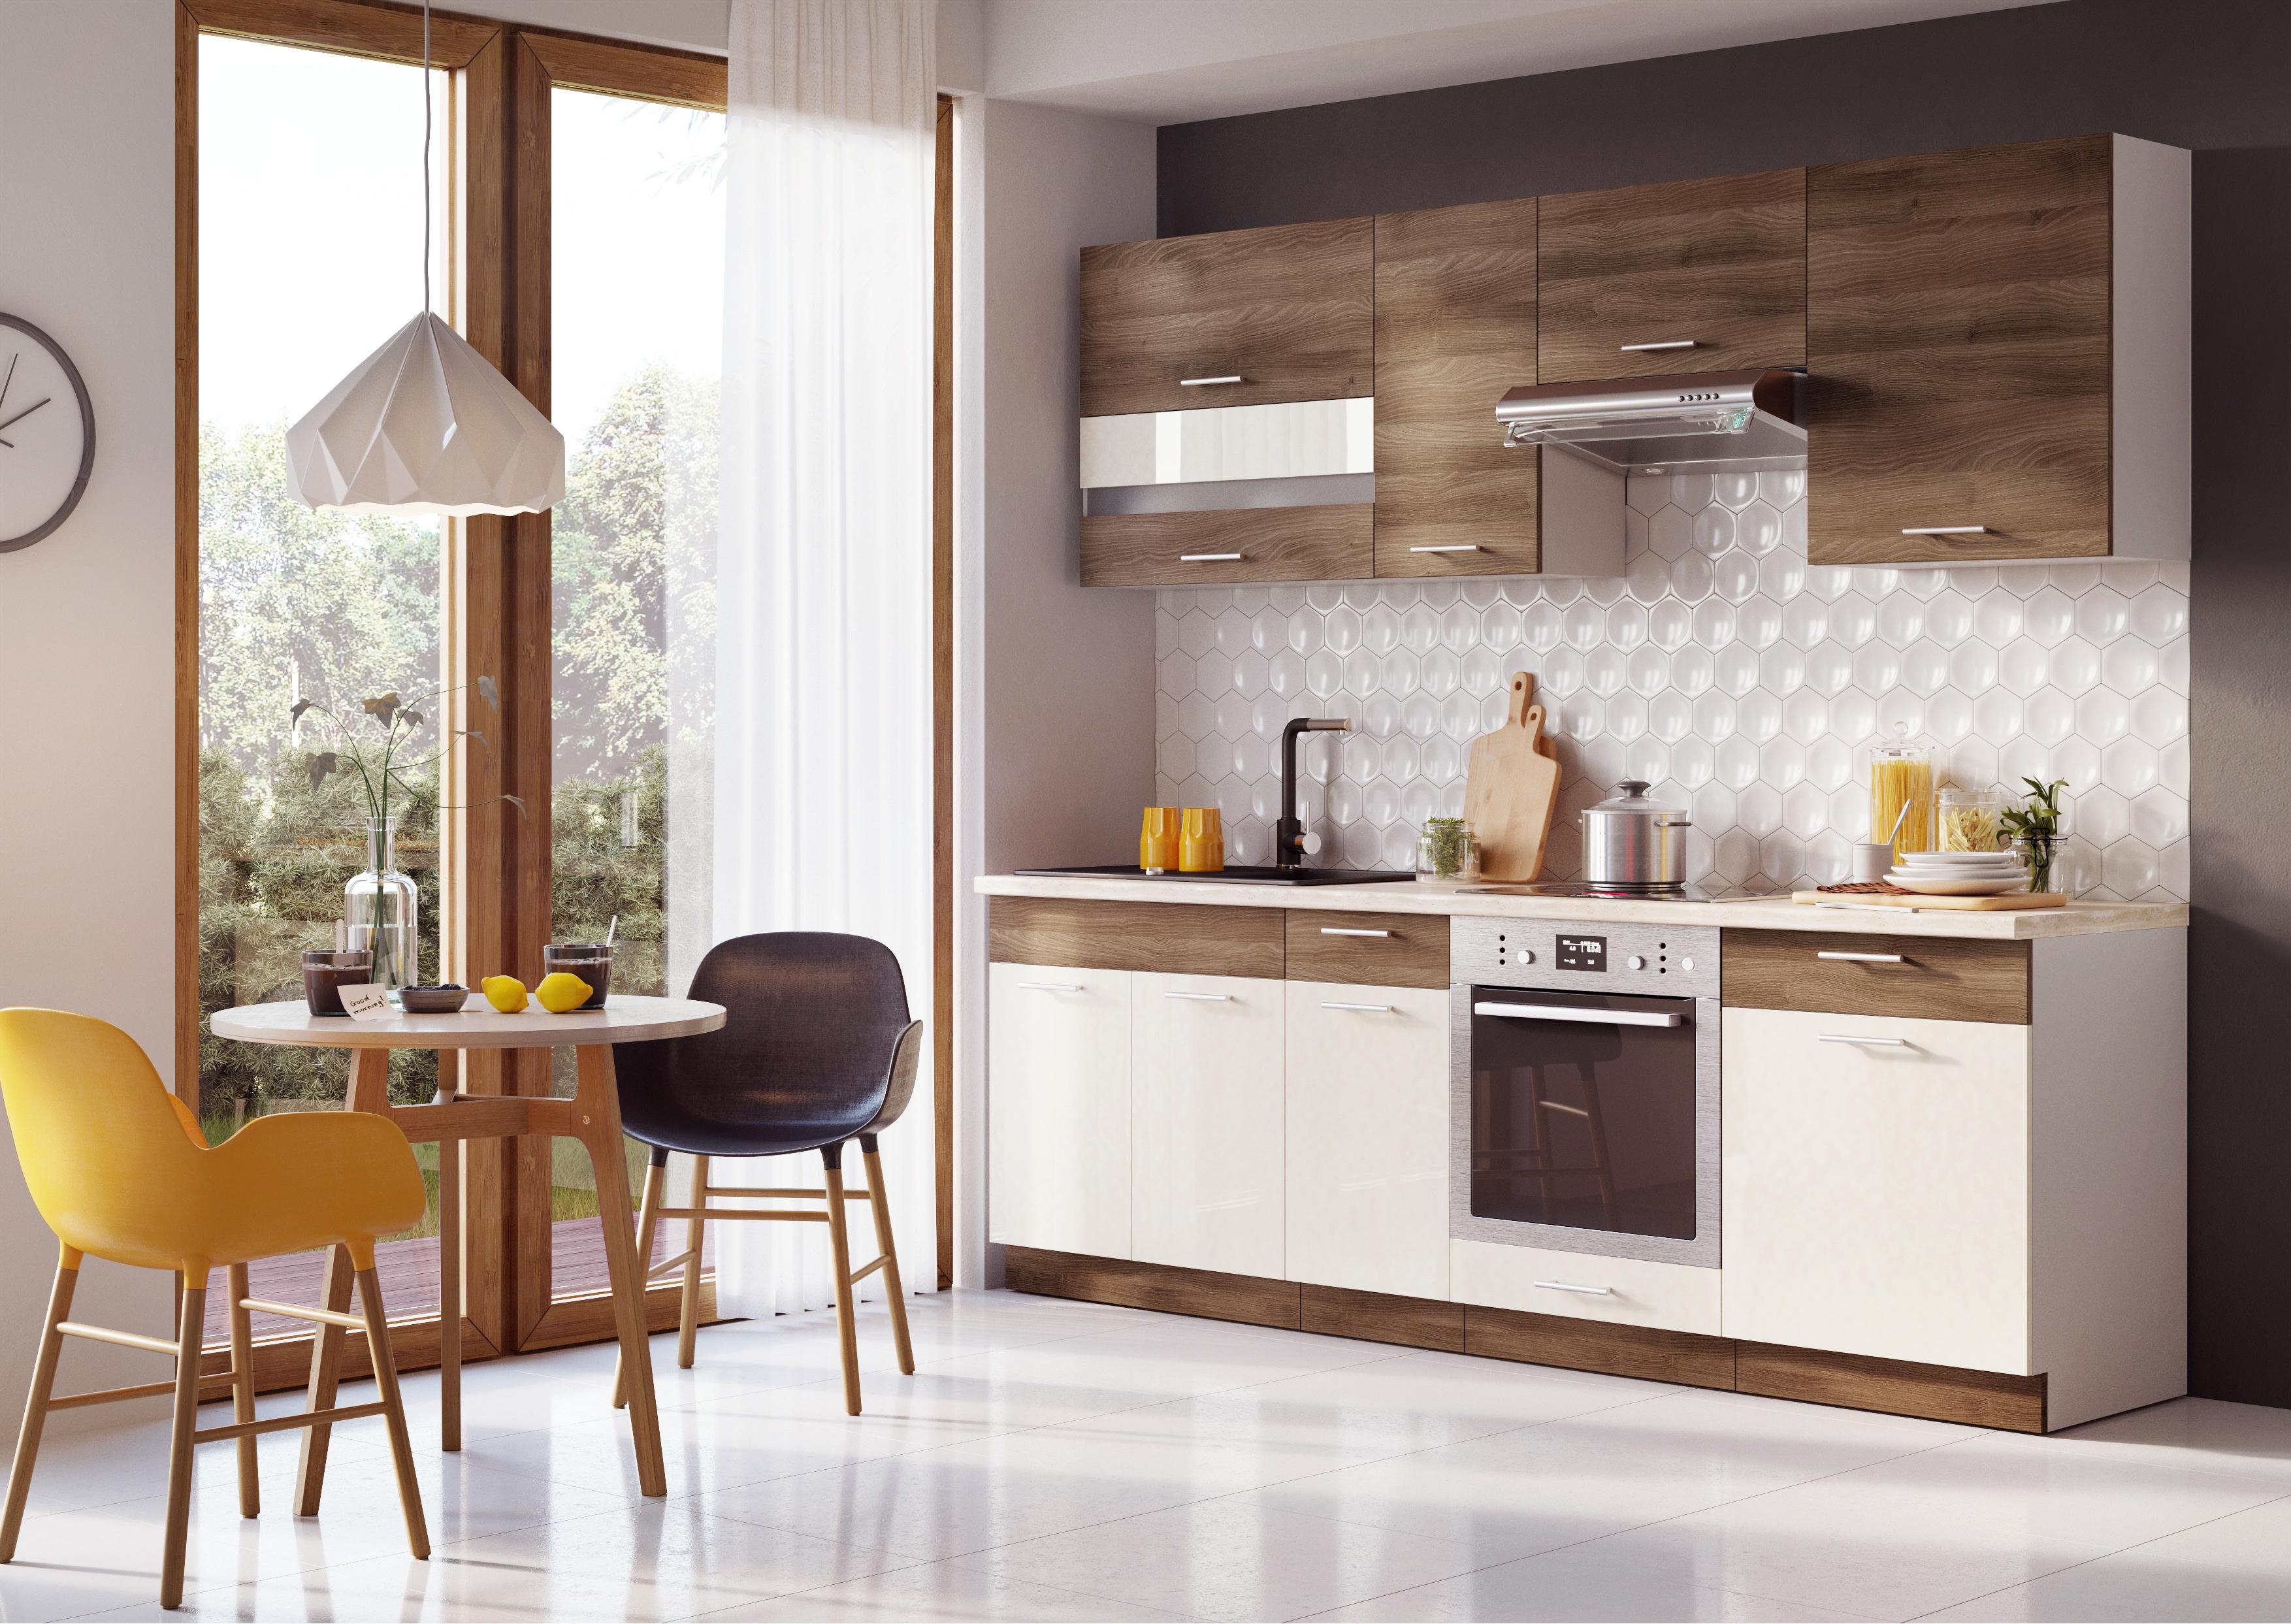 Kuchyň - Maira 240 cm (akácie)